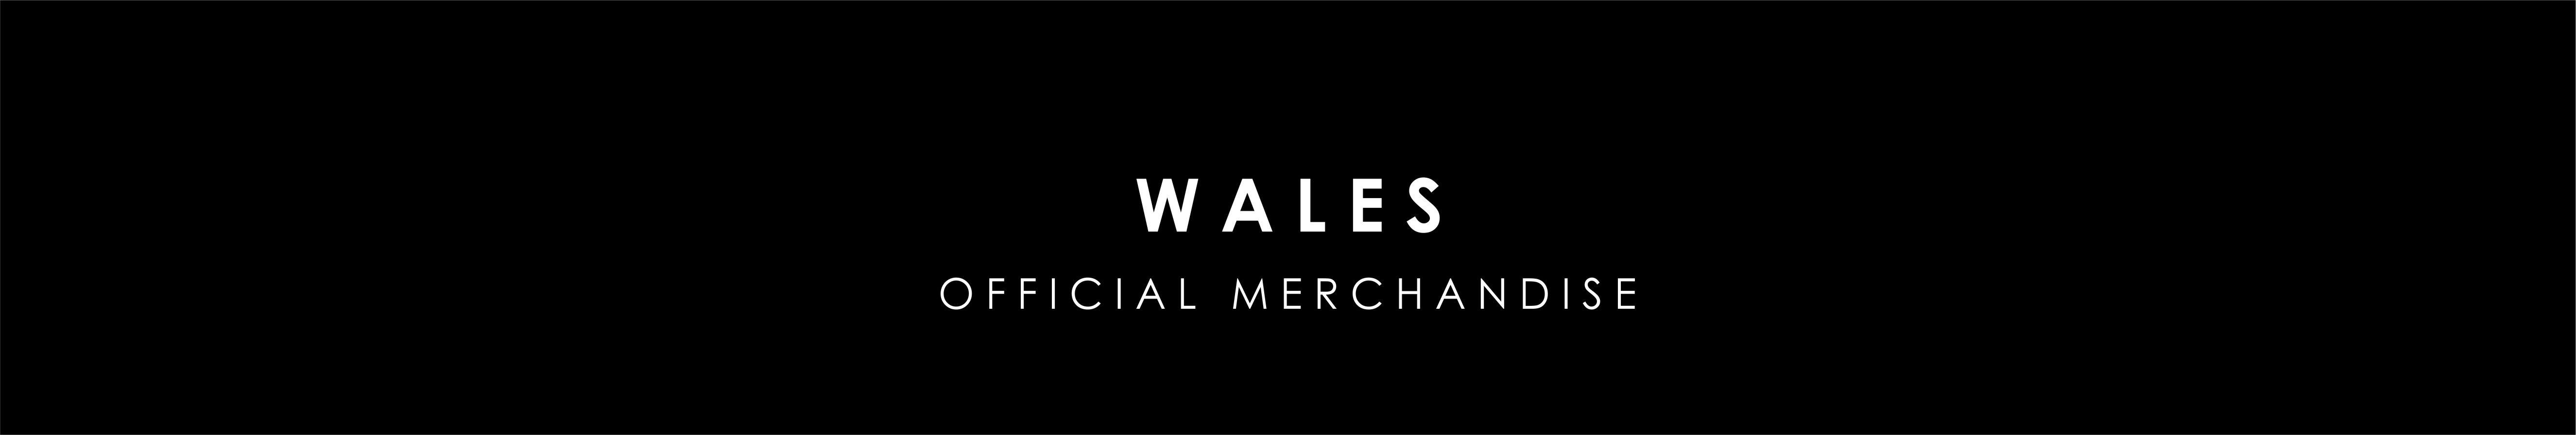 wales-banner.jpg